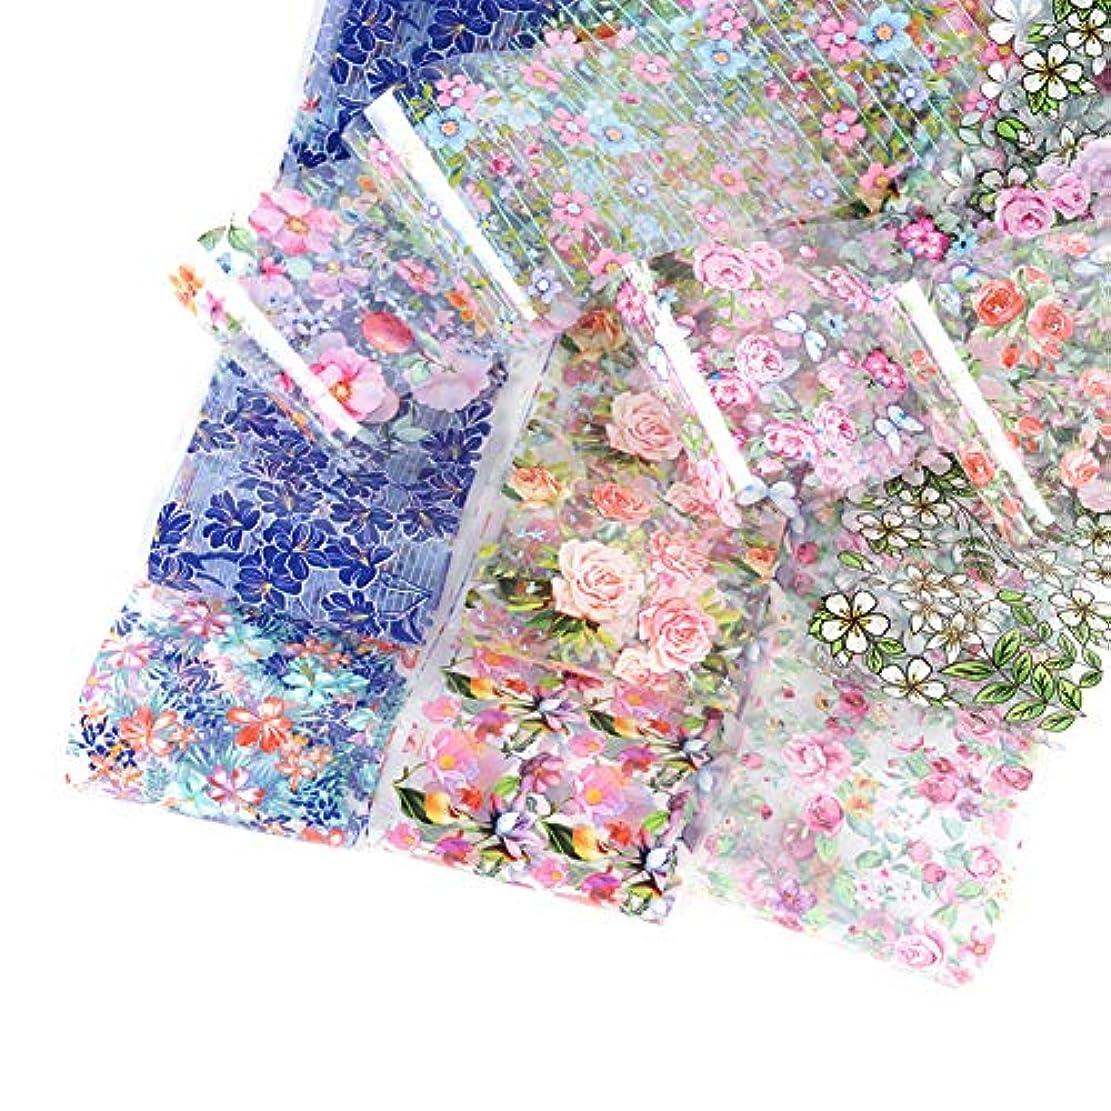 戻すたっぷり状況LITI ネイルシール 花柄ネイルホイル 水彩の花 星空ネイル シェル 綺麗な夏 転写ホイル 箔紙 シェルプリント 極薄フィルム 3D デザイン ネイル転印シール ネイルステッカー